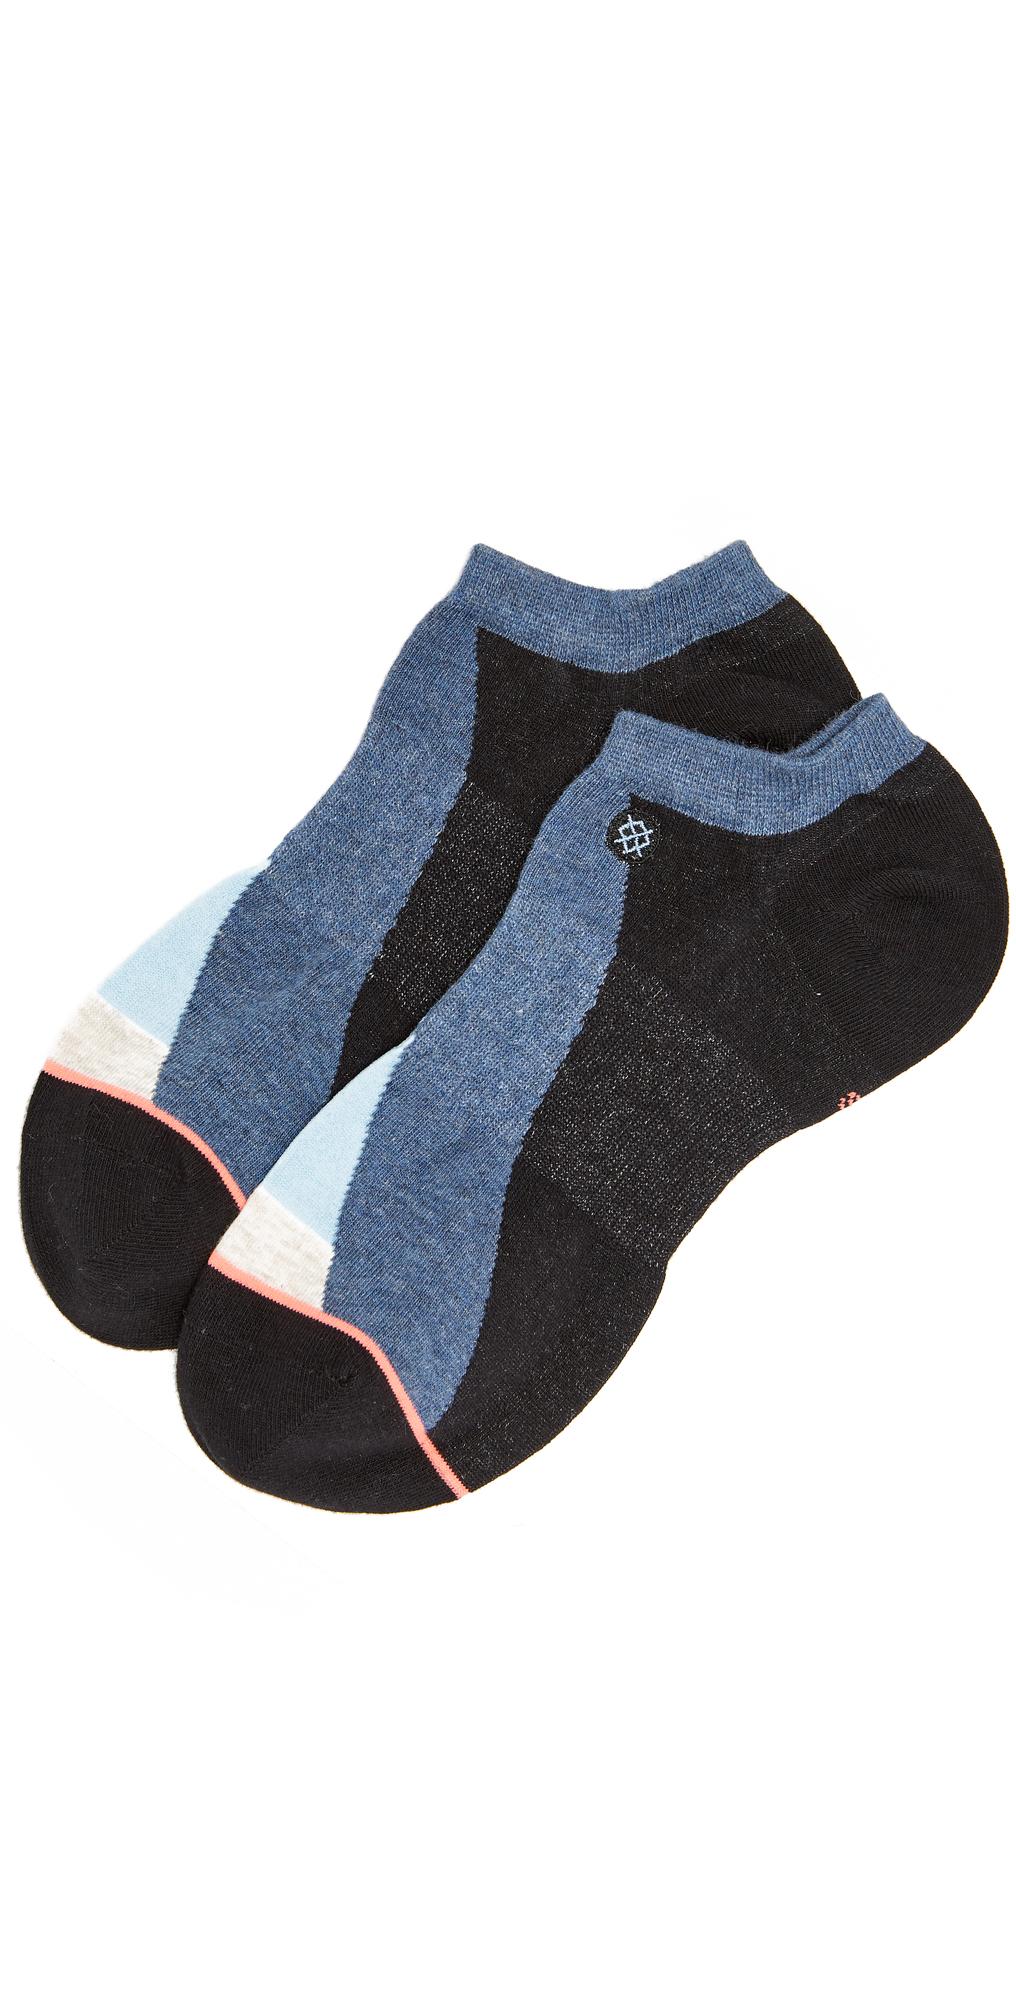 Intersteller Socks STANCE